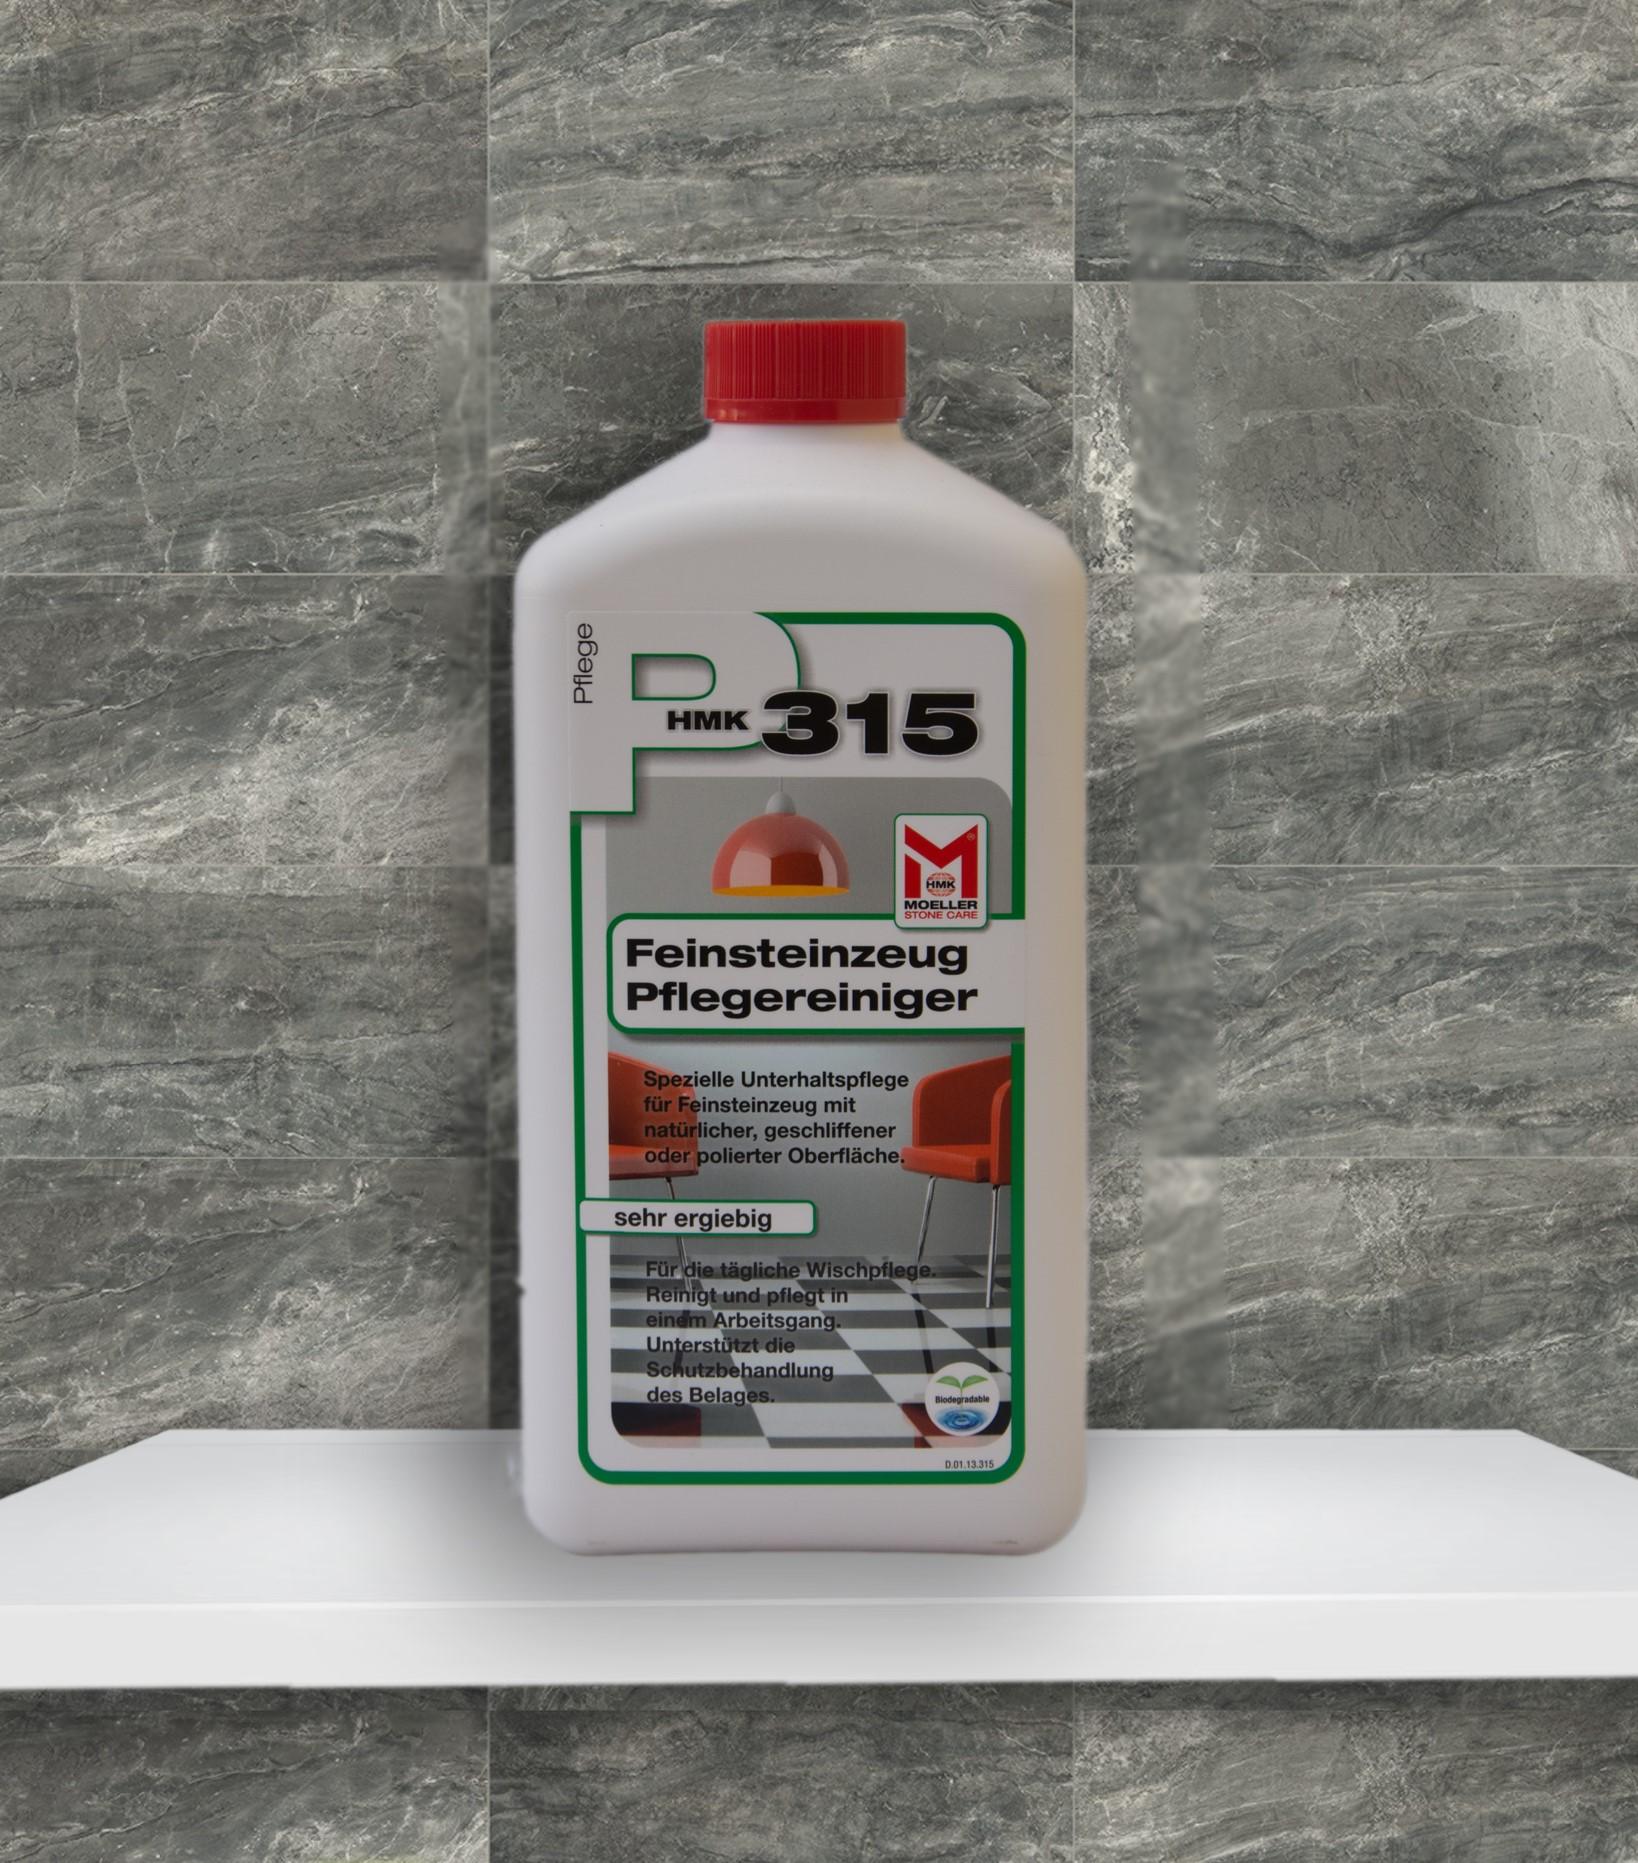 HMK P315 Feinsteinzeug- Pflegereiniger